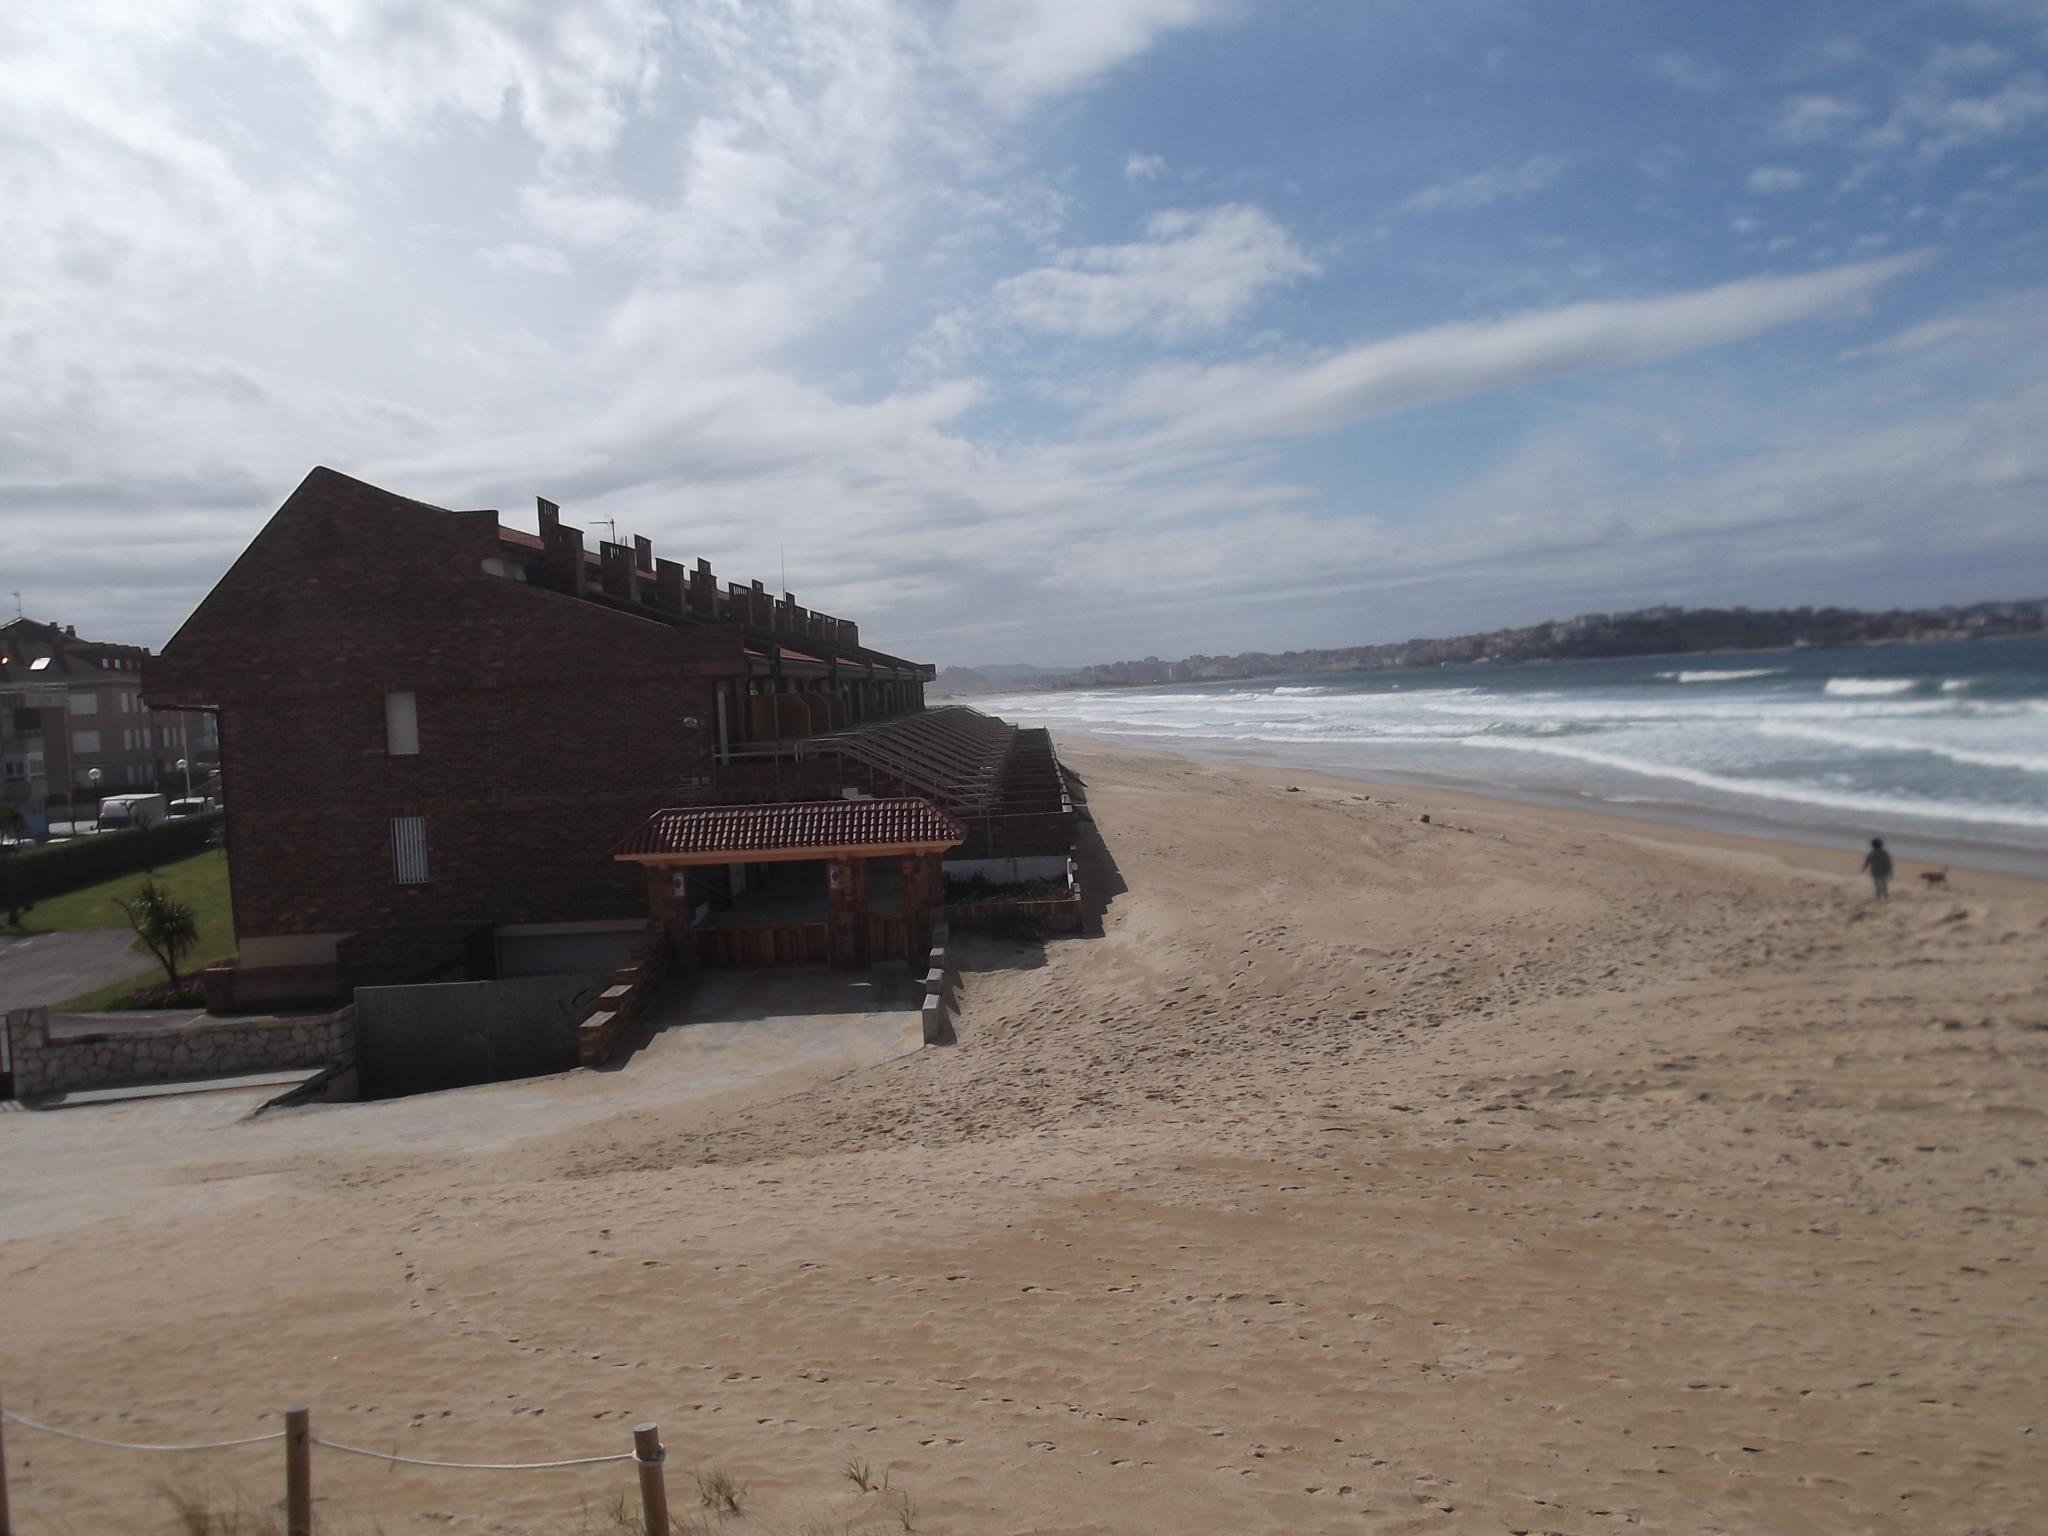 chalet adosado en primera linea de playa con acceso directo a la playa y parking privado en somo la costa inmobiliaria